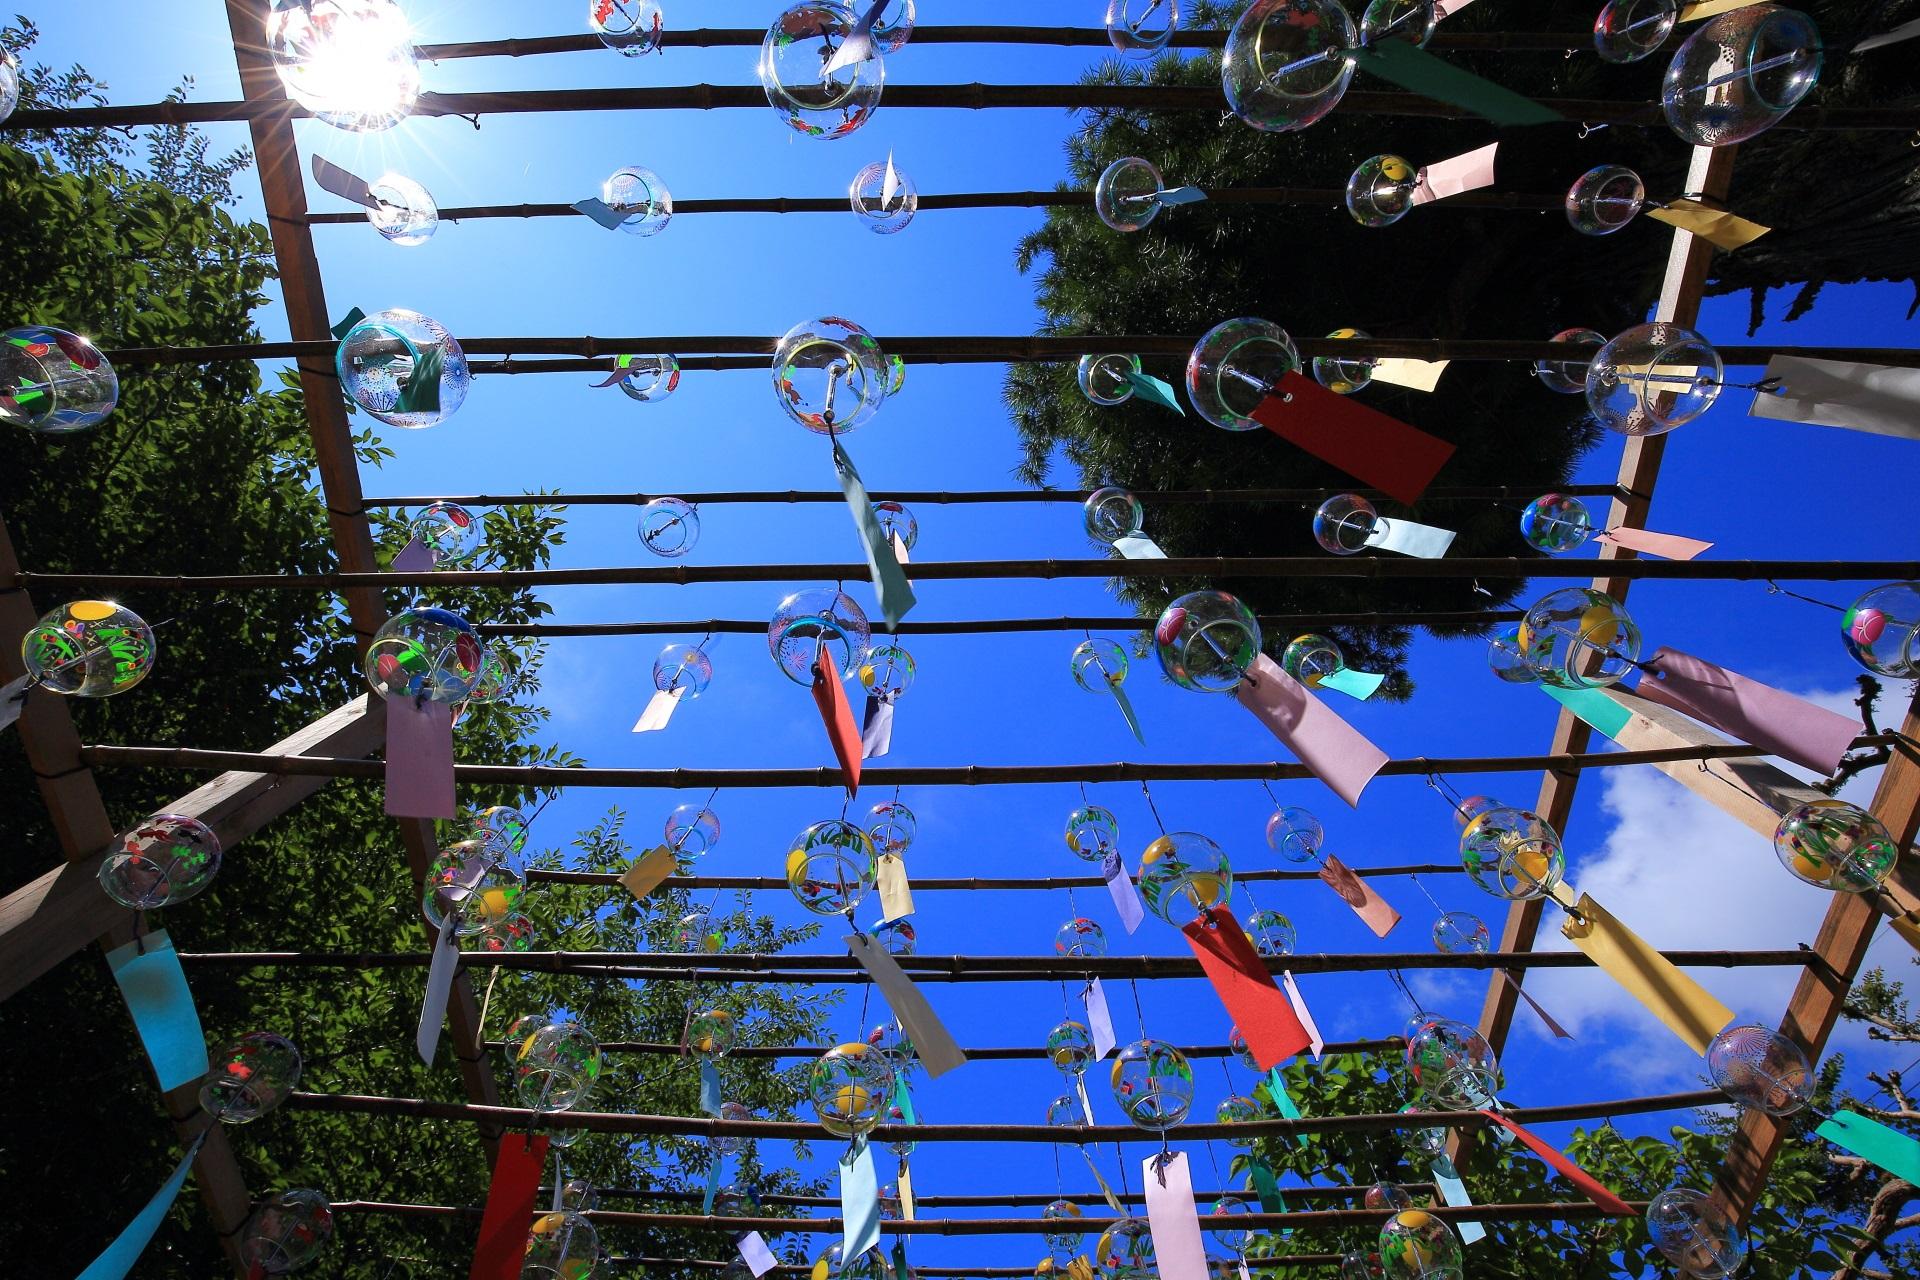 正寿院の太陽でピカッと光る風鈴と夏の青空